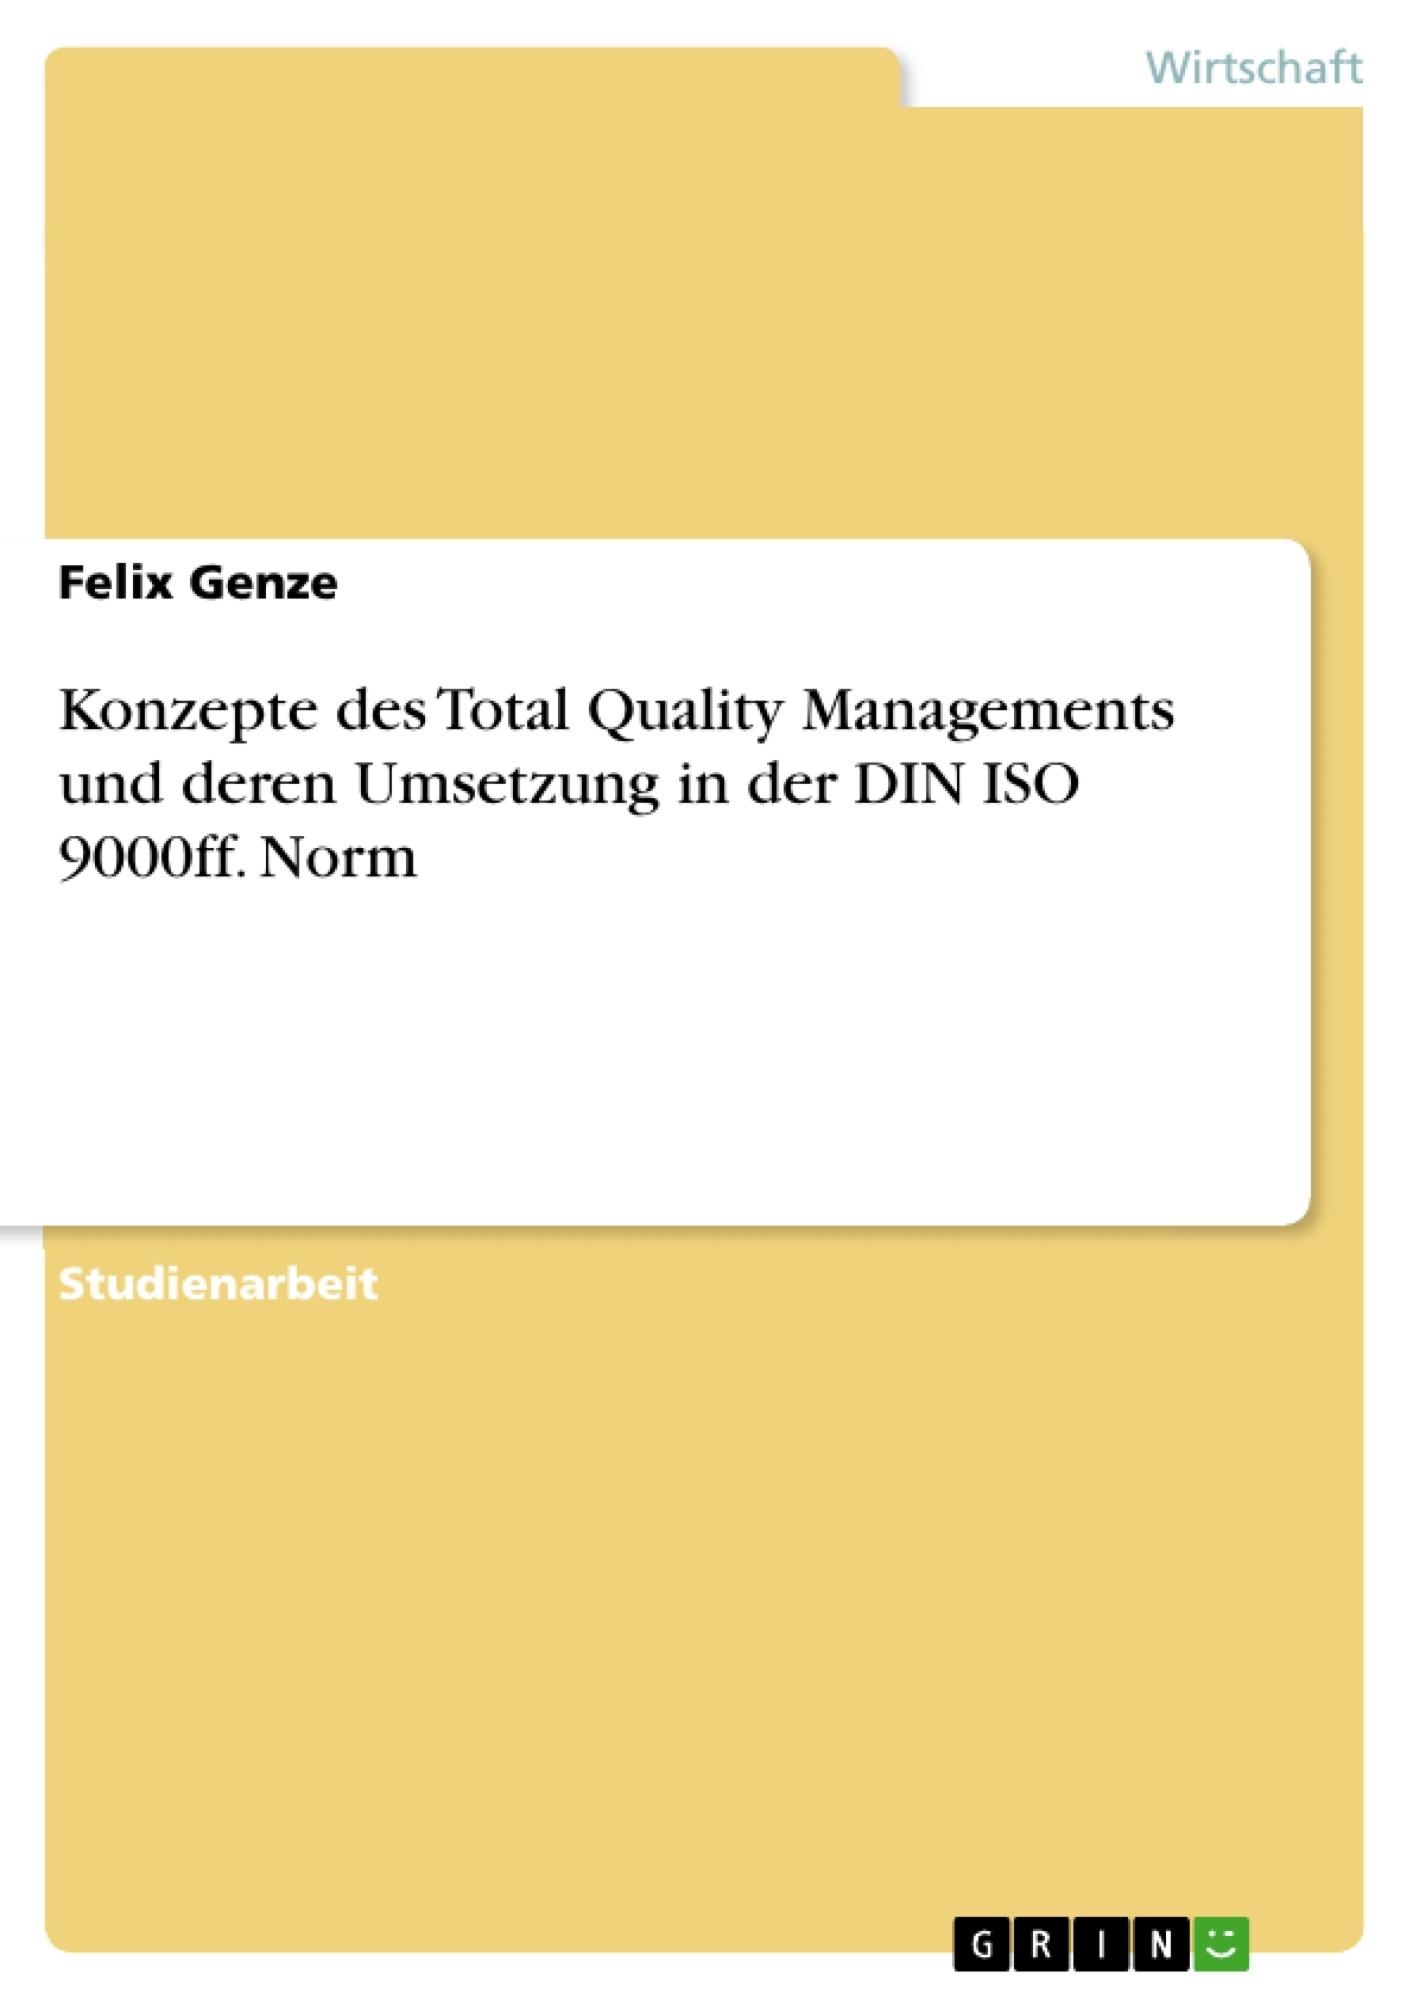 Titel: Konzepte des Total Quality Managements und deren Umsetzung in der DIN ISO 9000ff. Norm